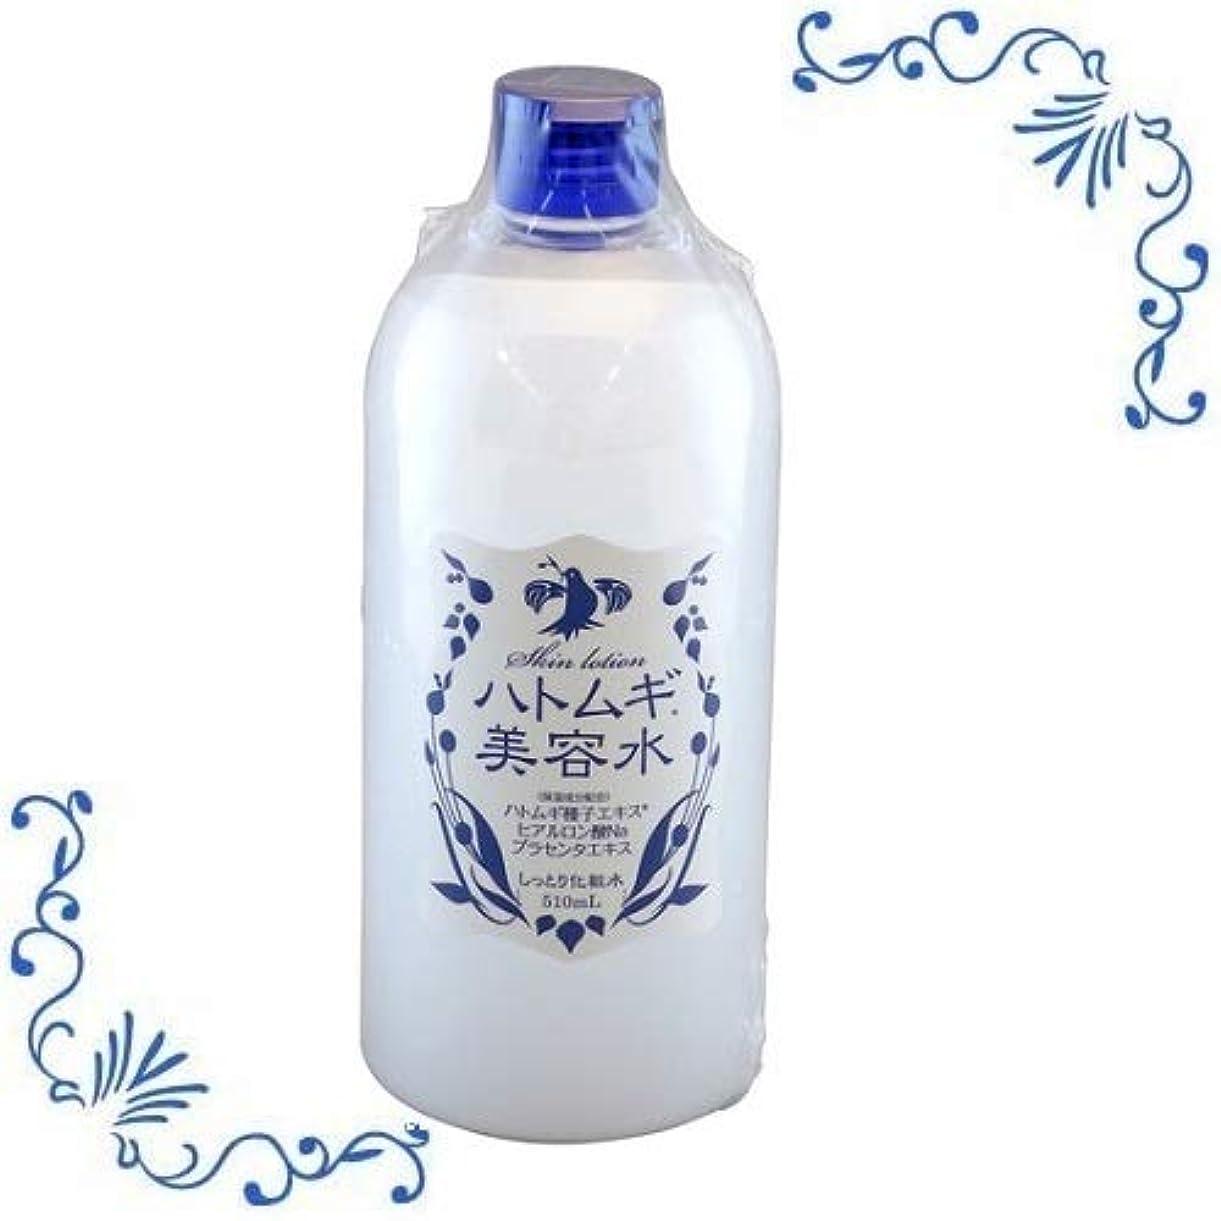 徹底的にレッスン一般化するハトムギ美容水 510ml